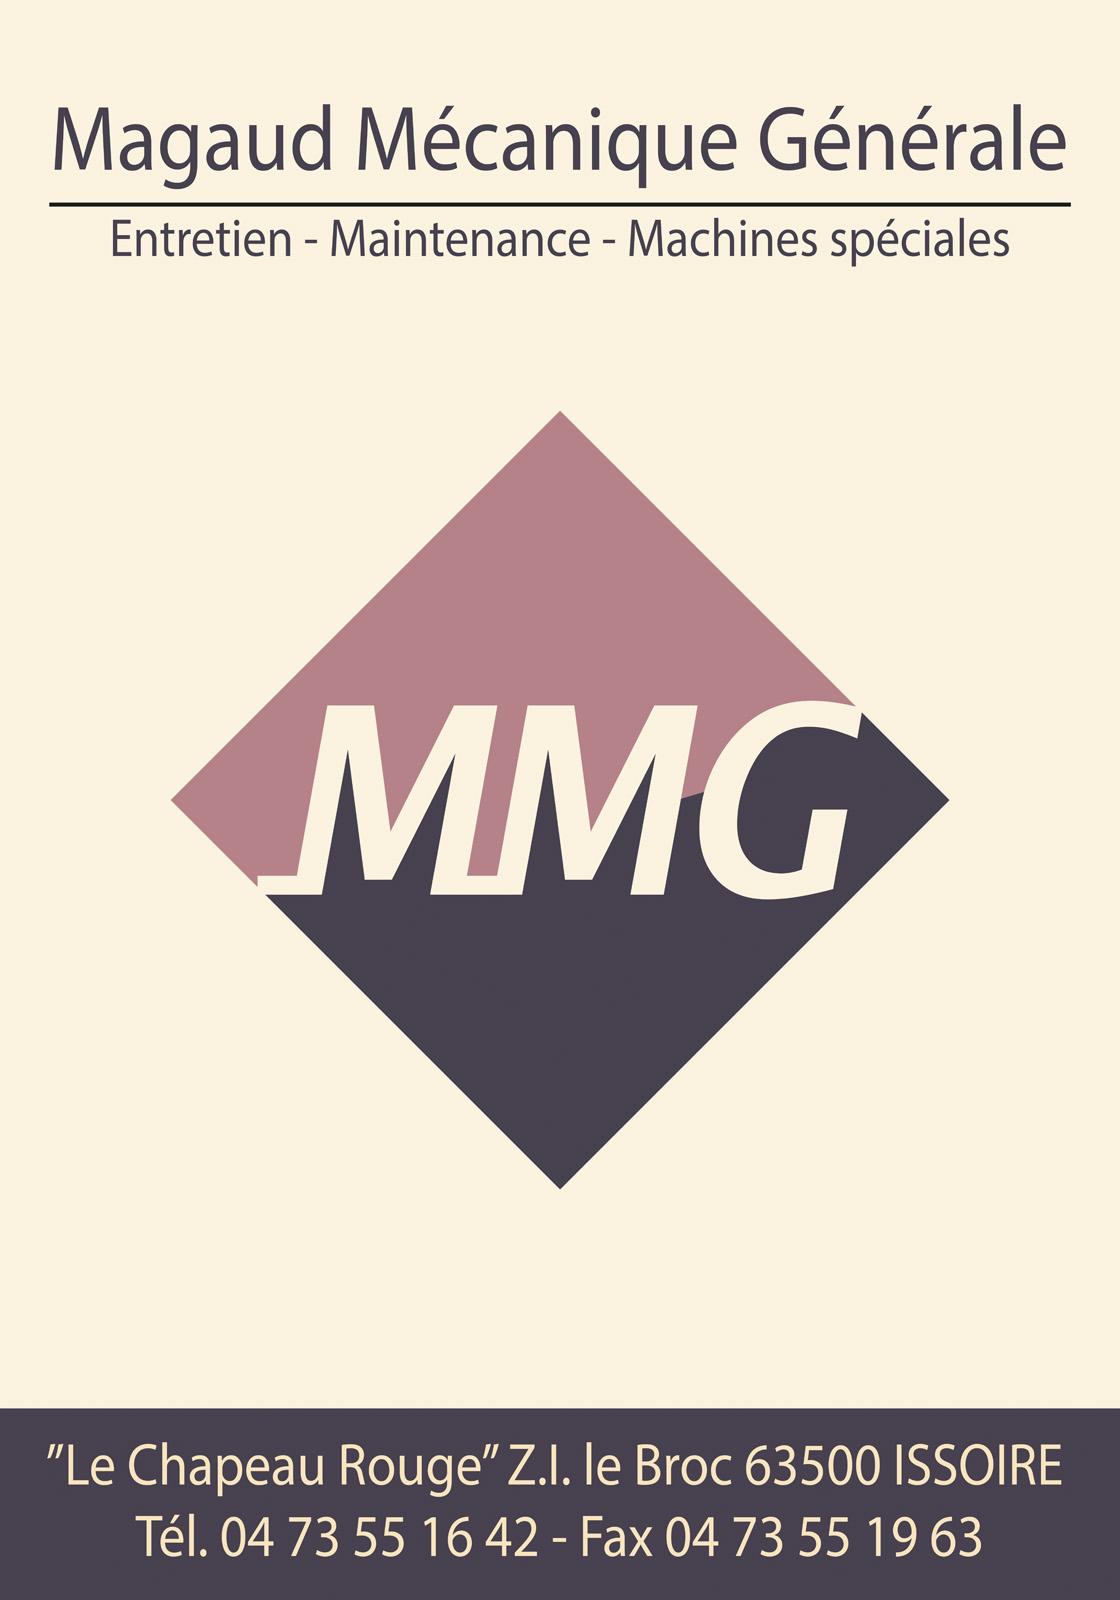 logo Magaud Mécanique Générale